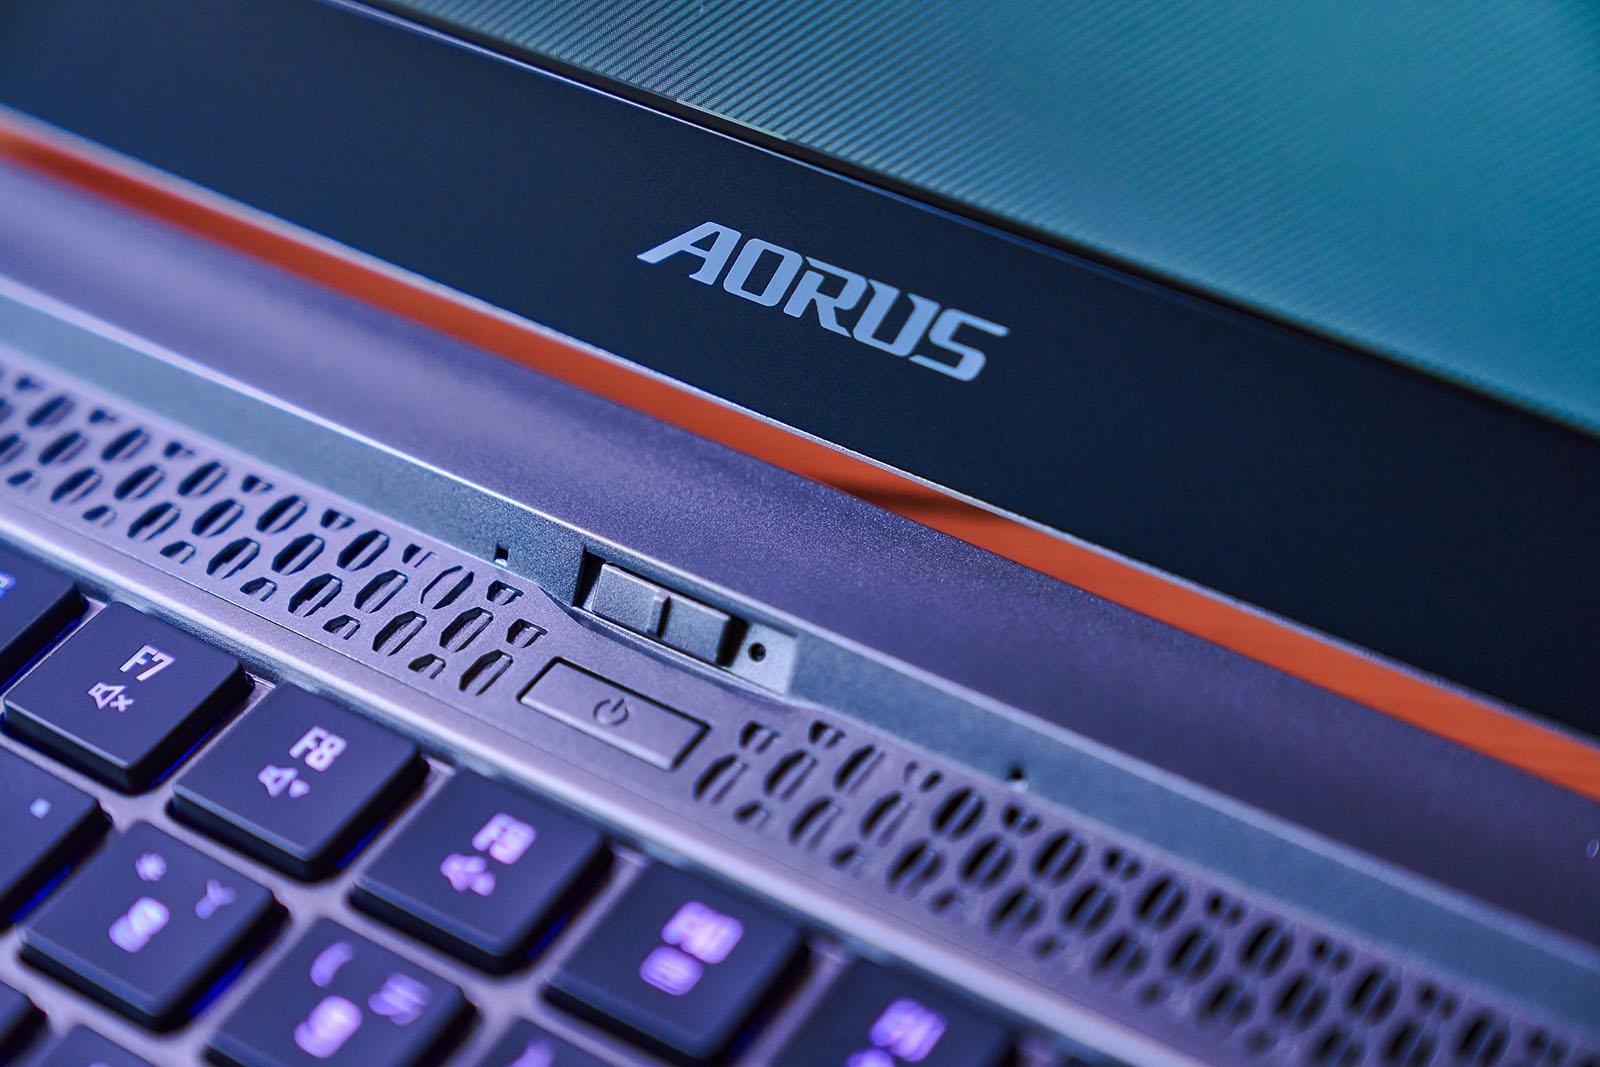 在鍵盤上方還可見視訊攝影機,一旁還有環境光源感應器與雙陣列式麥克風,並有活動式鏡頭遮罩。 ▲ 至於鍵盤下方的 Windows Precision 精準觸控板,並具備指紋辨識裝置,觸控板也同樣支援手勢操作與多點觸控功能。